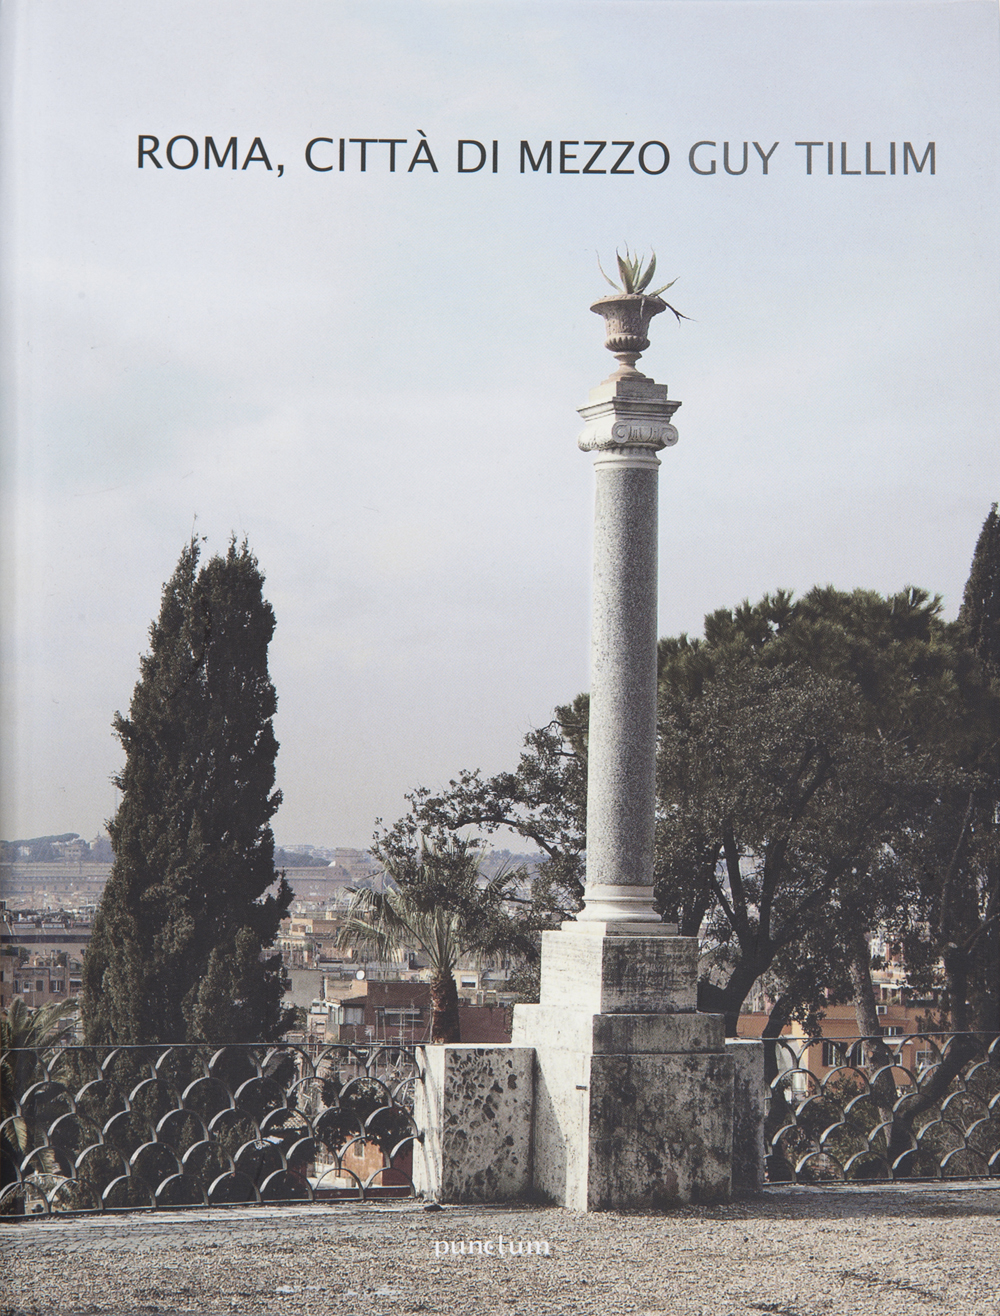 Roma, Città di Mezzo